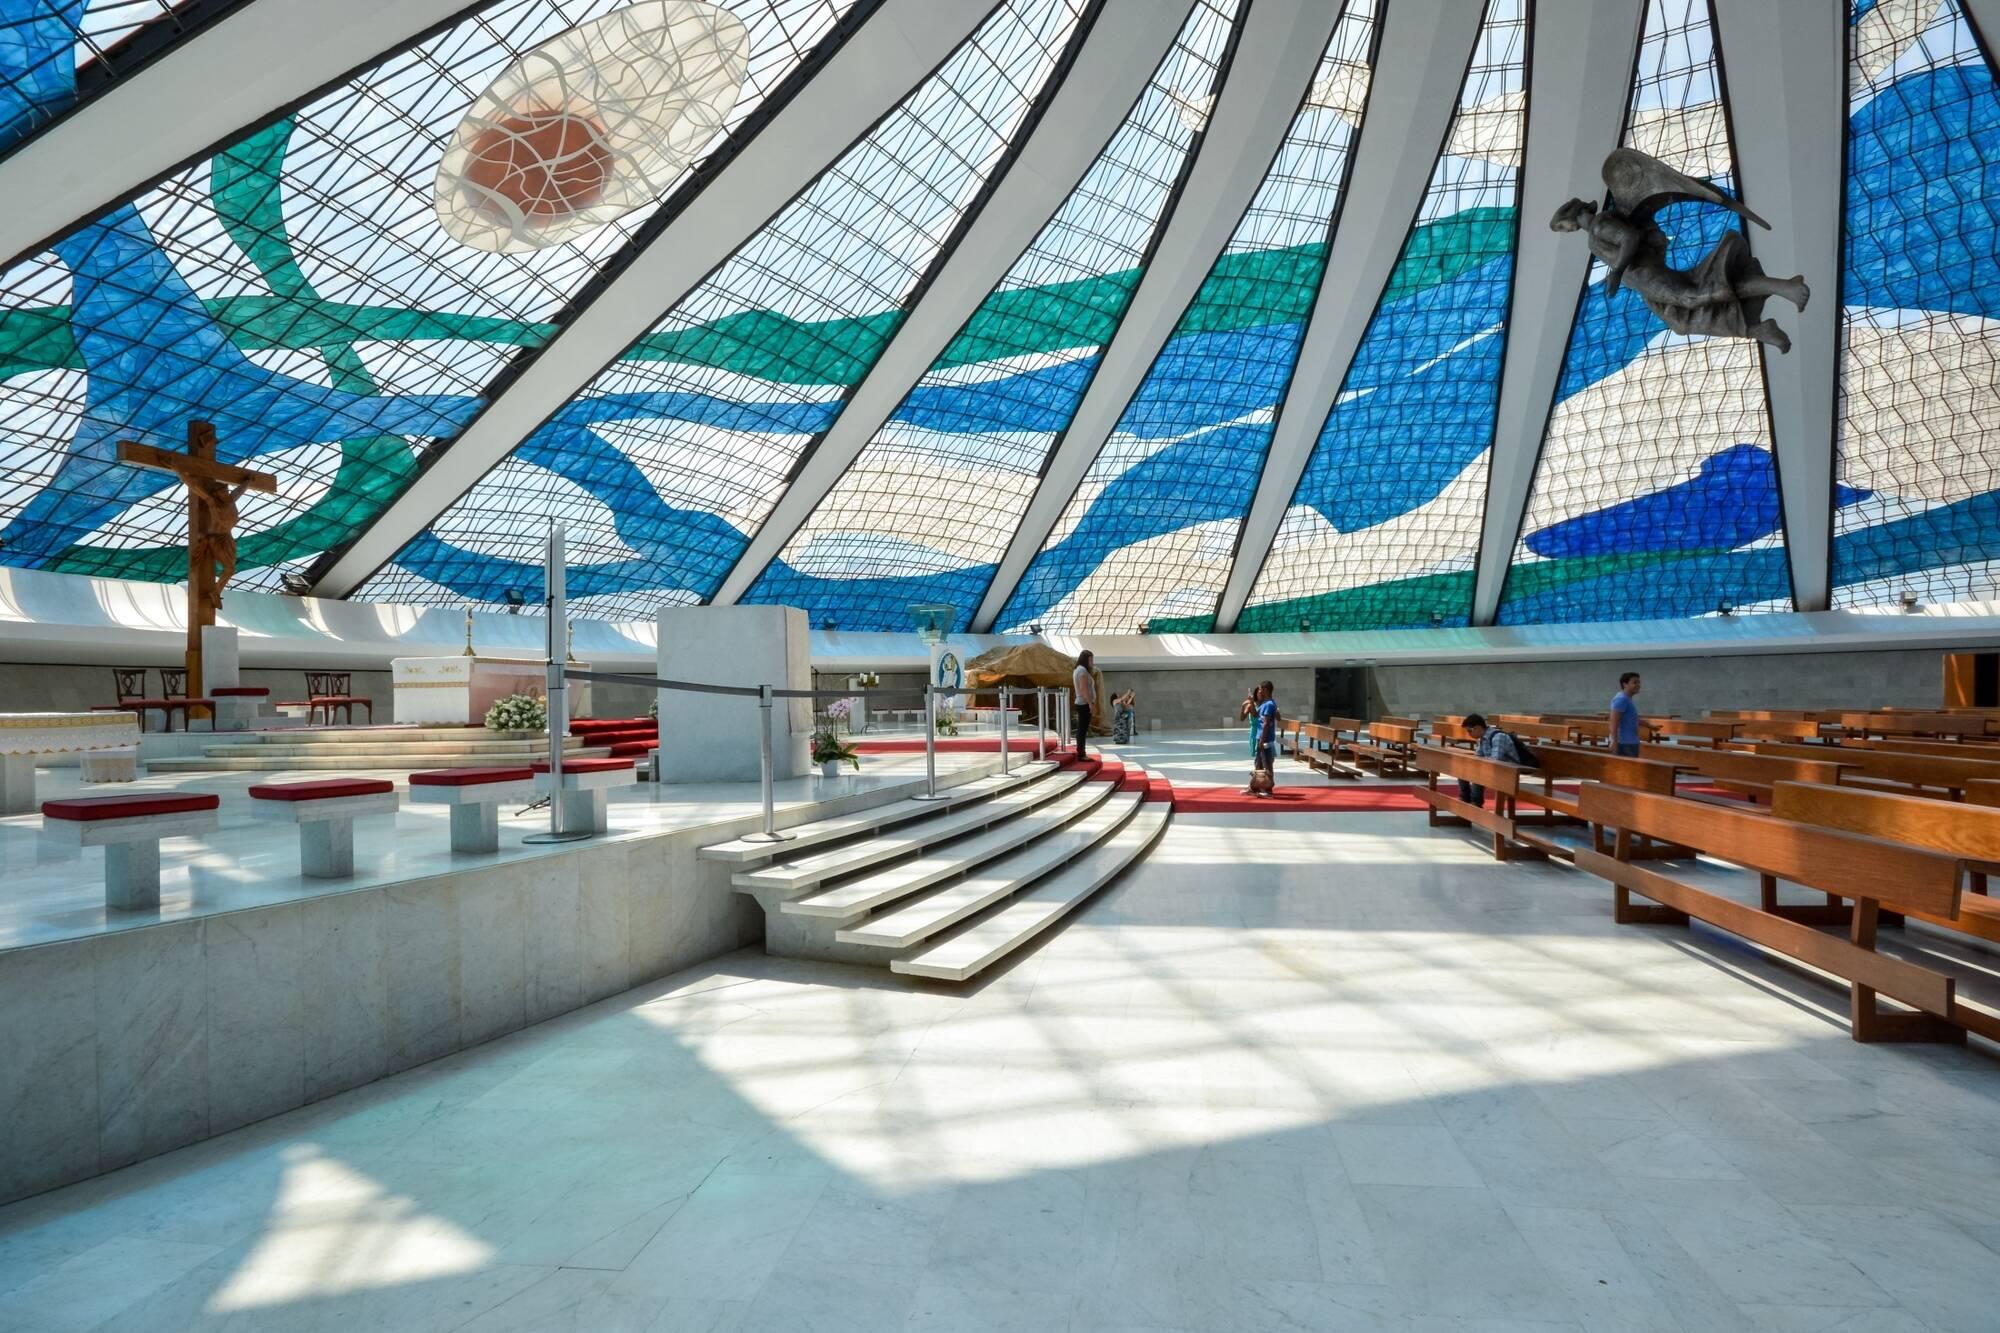 Vitrais panorâmicos de Di Cavalcanti no interior da Capela. Foto: Reprodução/Archdaily